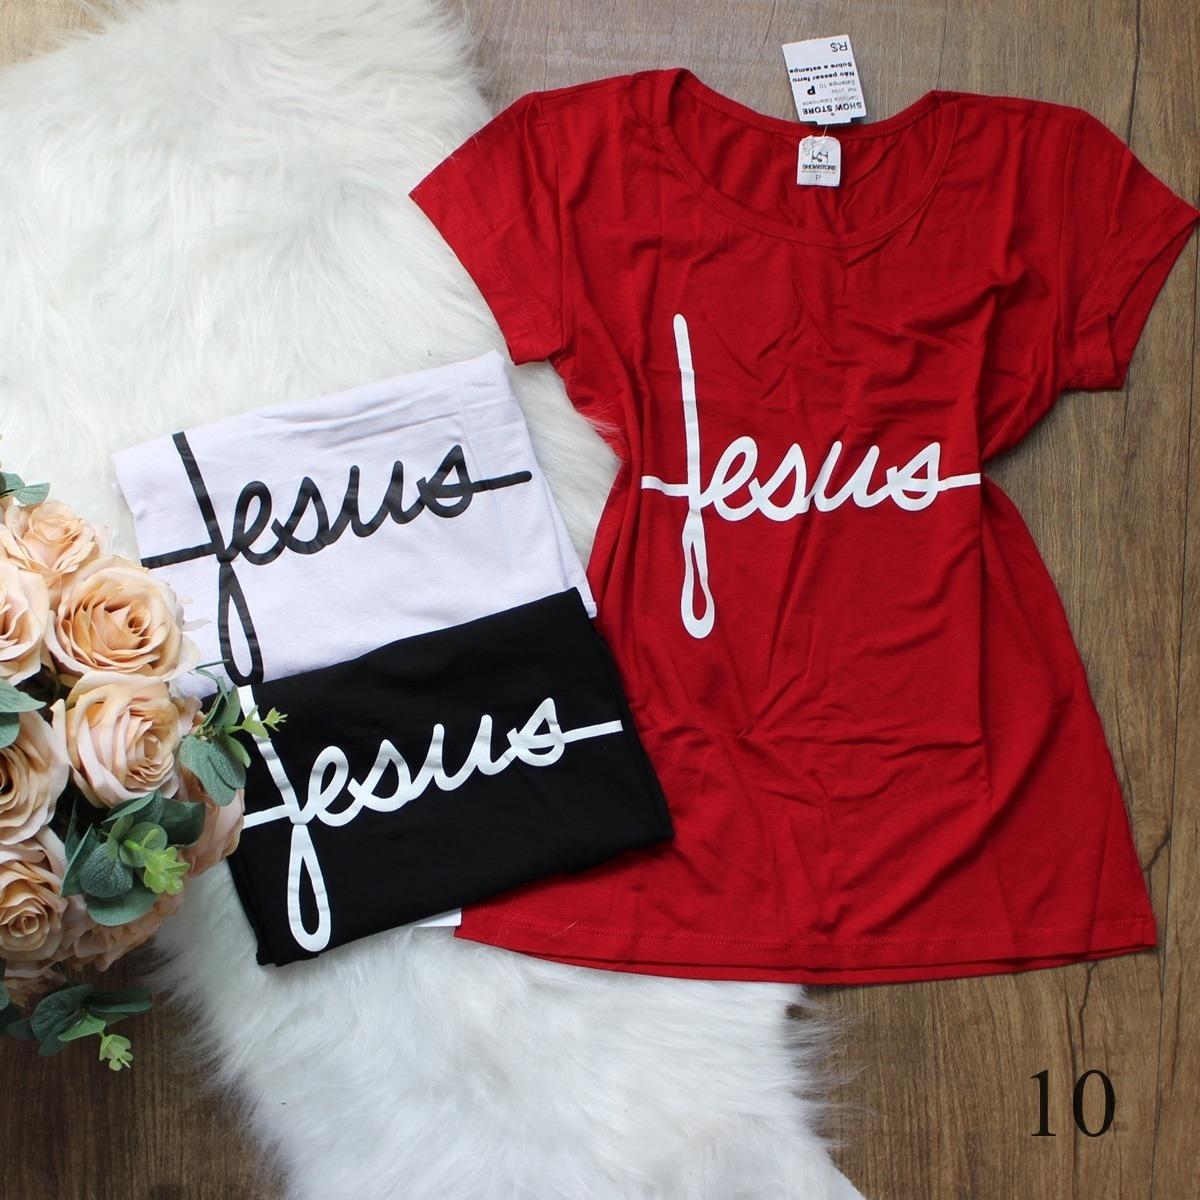 kit 10 t-shirts blusas feminina roupas atacado revenda 2899. Carregando  zoom. a15ff22b501e3